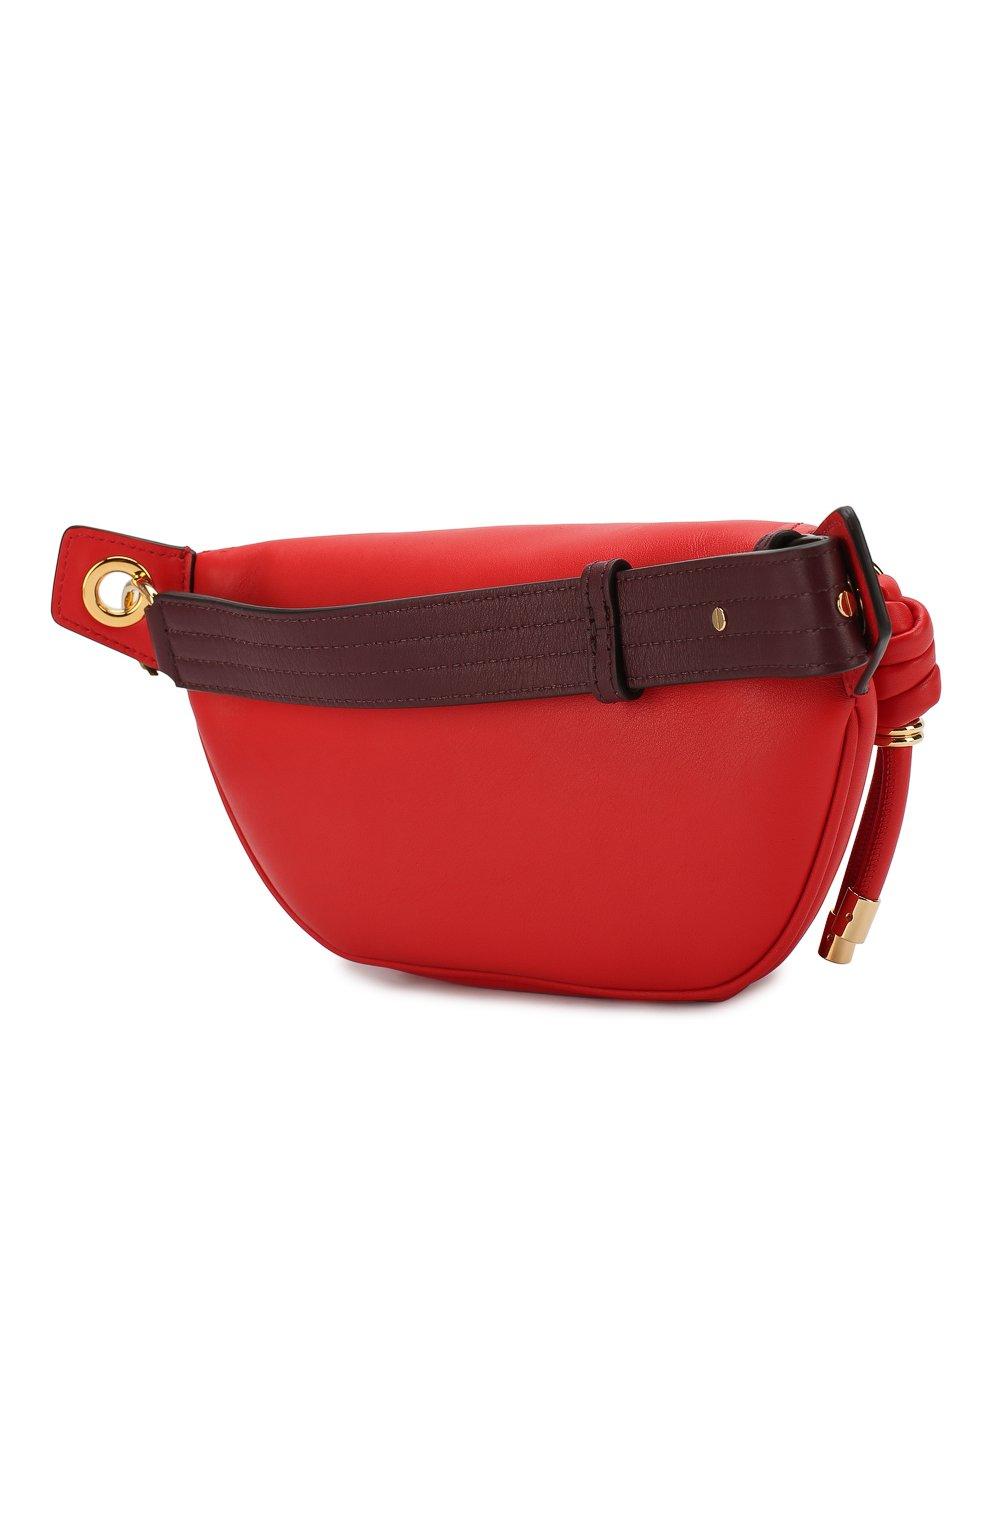 Поясная сумка Whip small | Фото №3